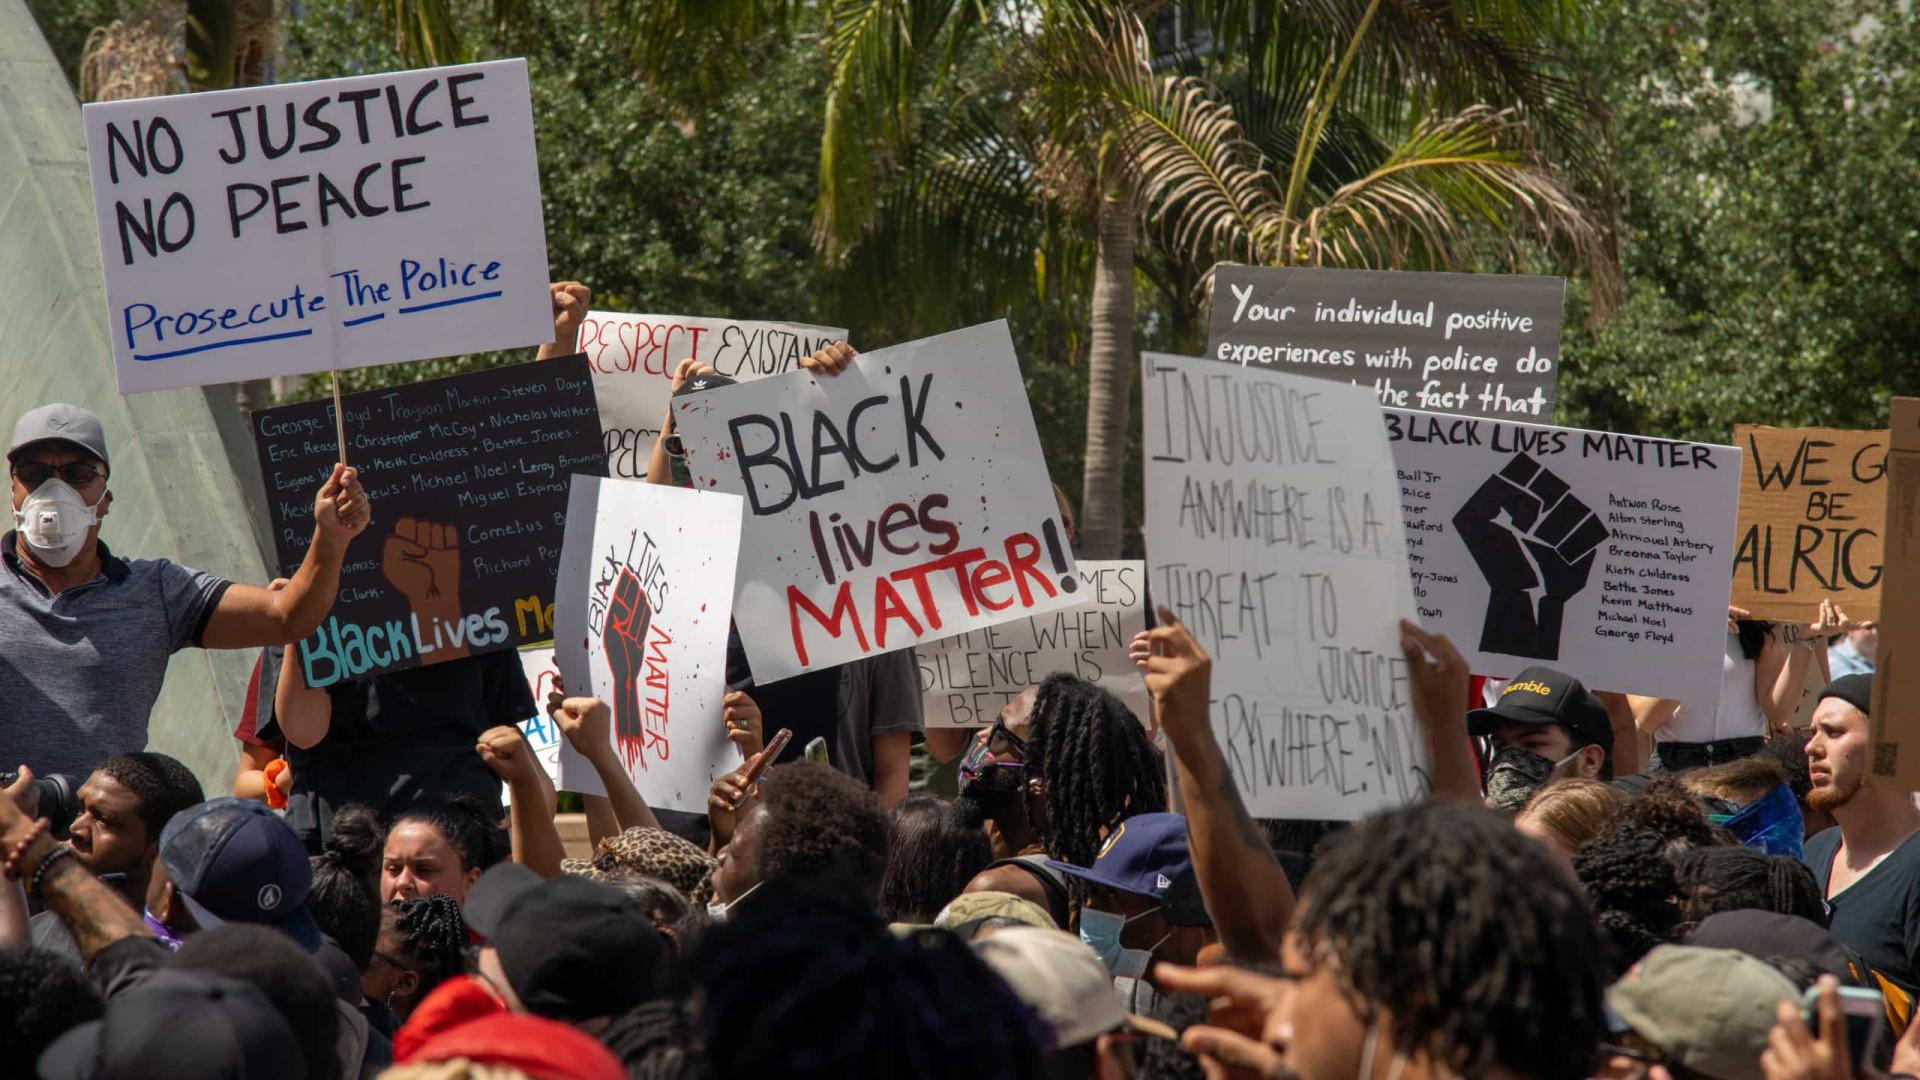 Pesquisa aponta que 74% apoiam protestos contra violência nos EUA